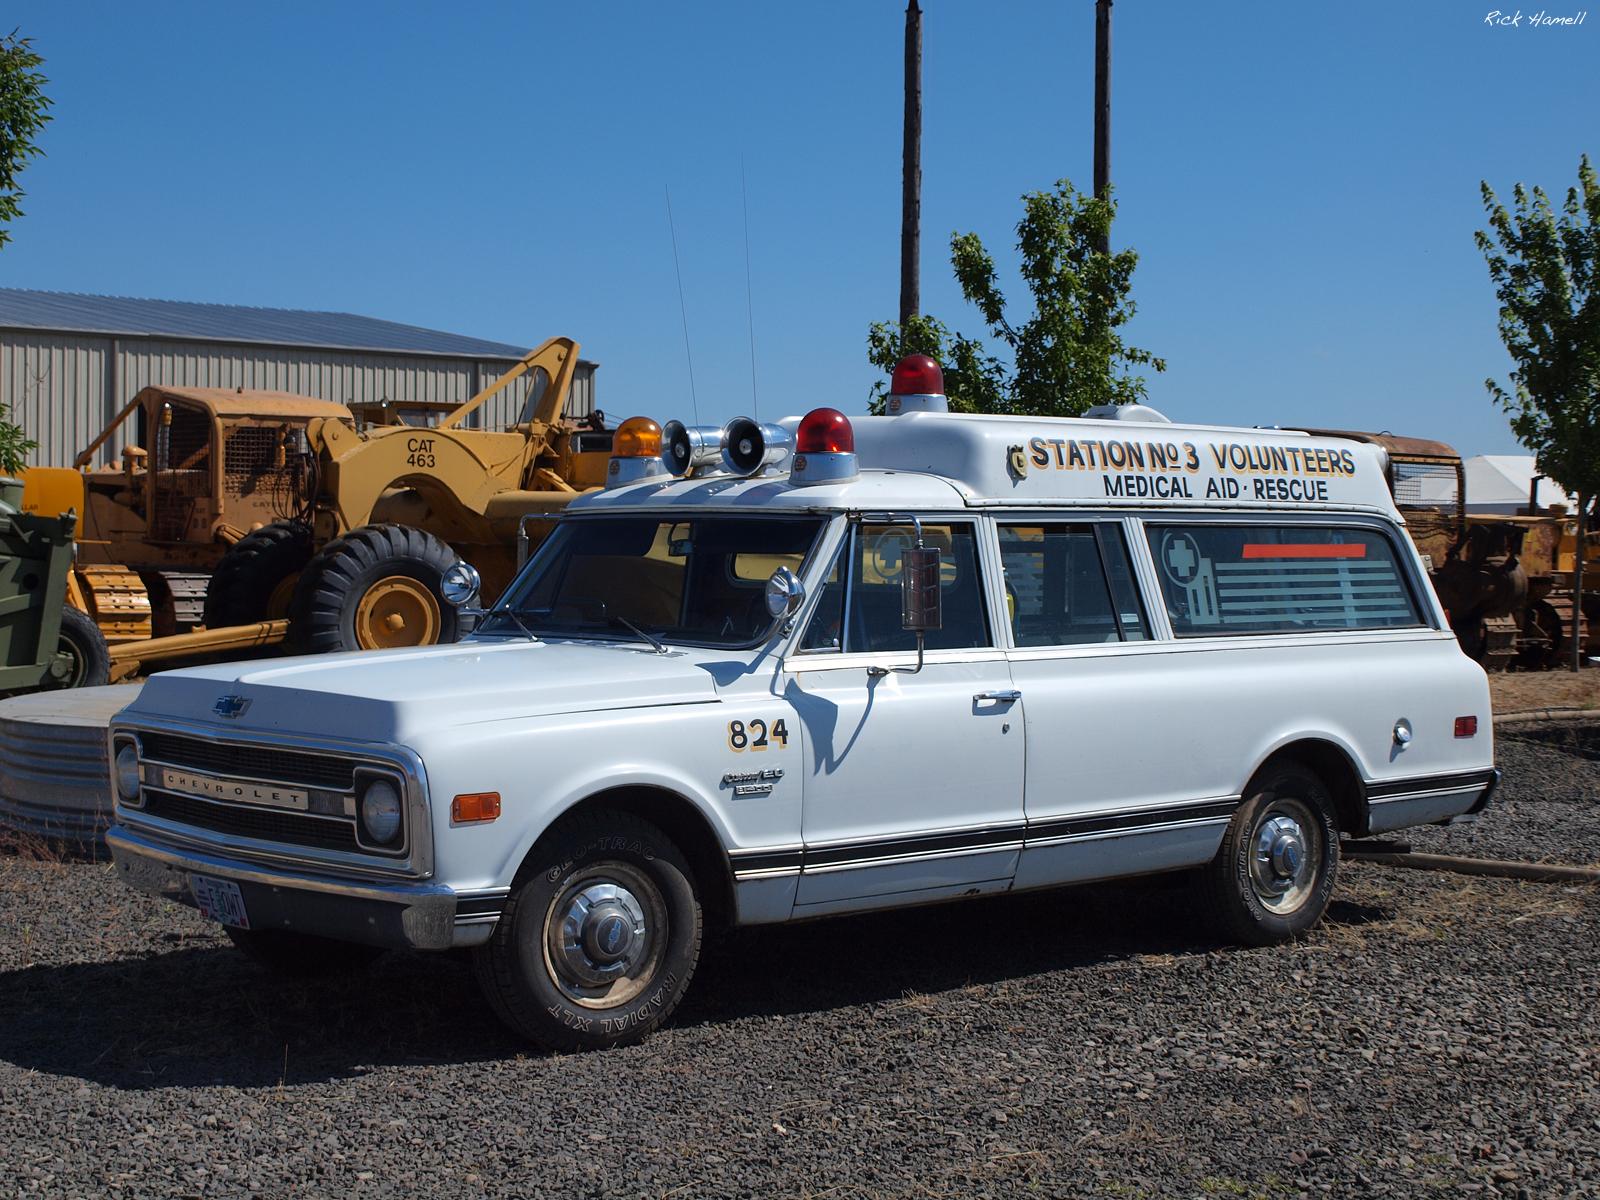 Antique Powerland Annual Steam-Up - Pacific Northwest Photoblog